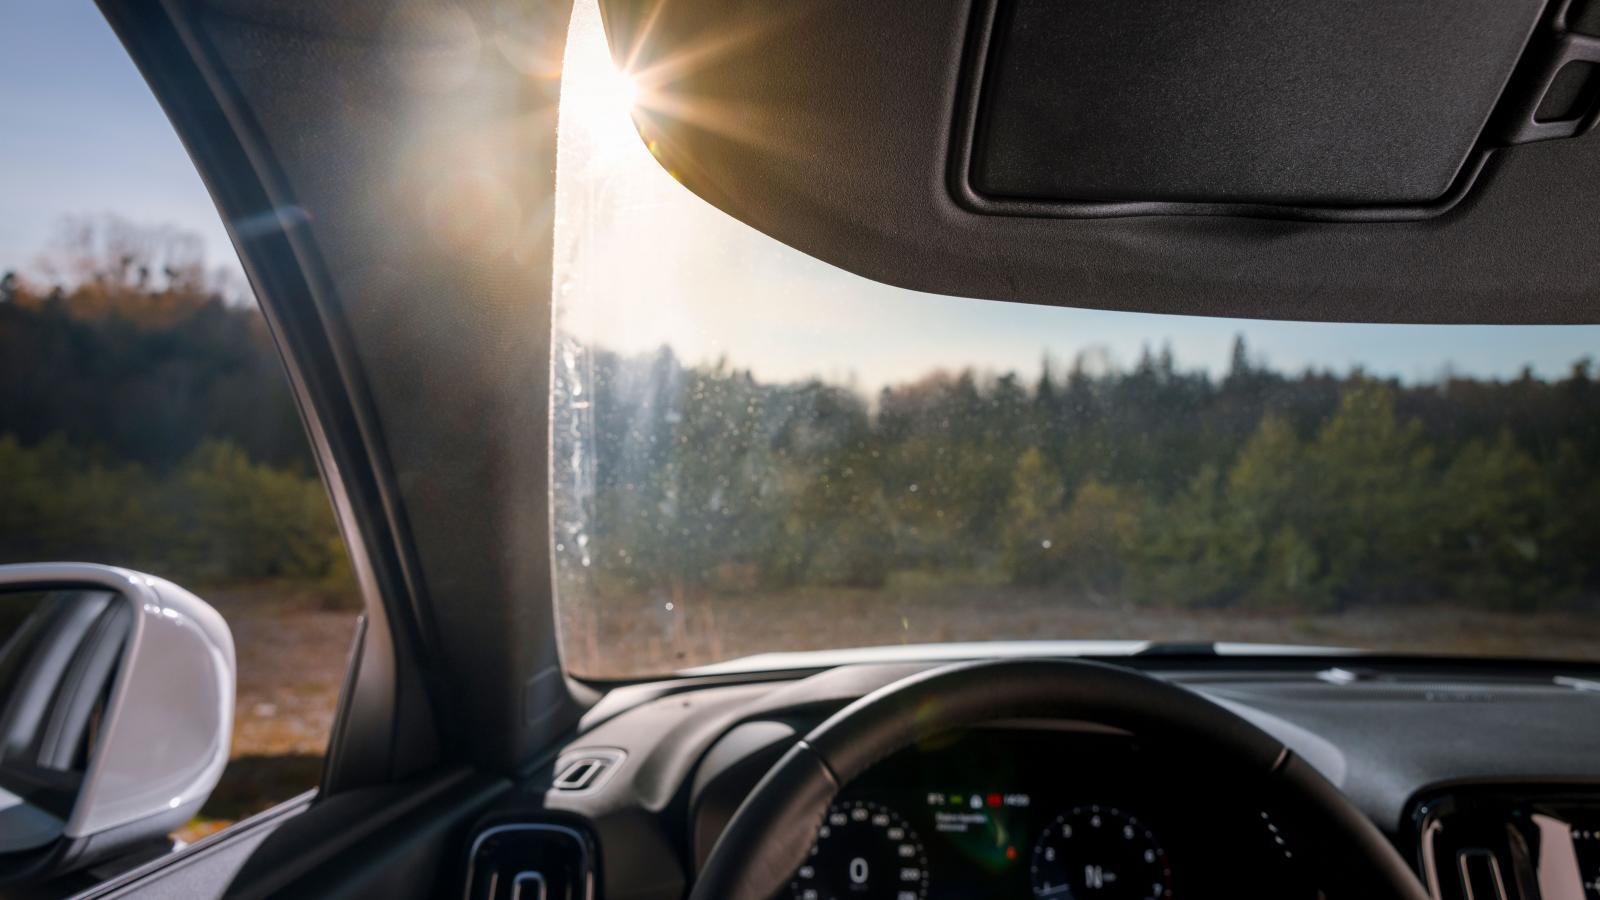 Volvos vinkling av solskyddet är ett onödigt irritationsmoment – solen tycks alltid vara där skyddet inte täcker.